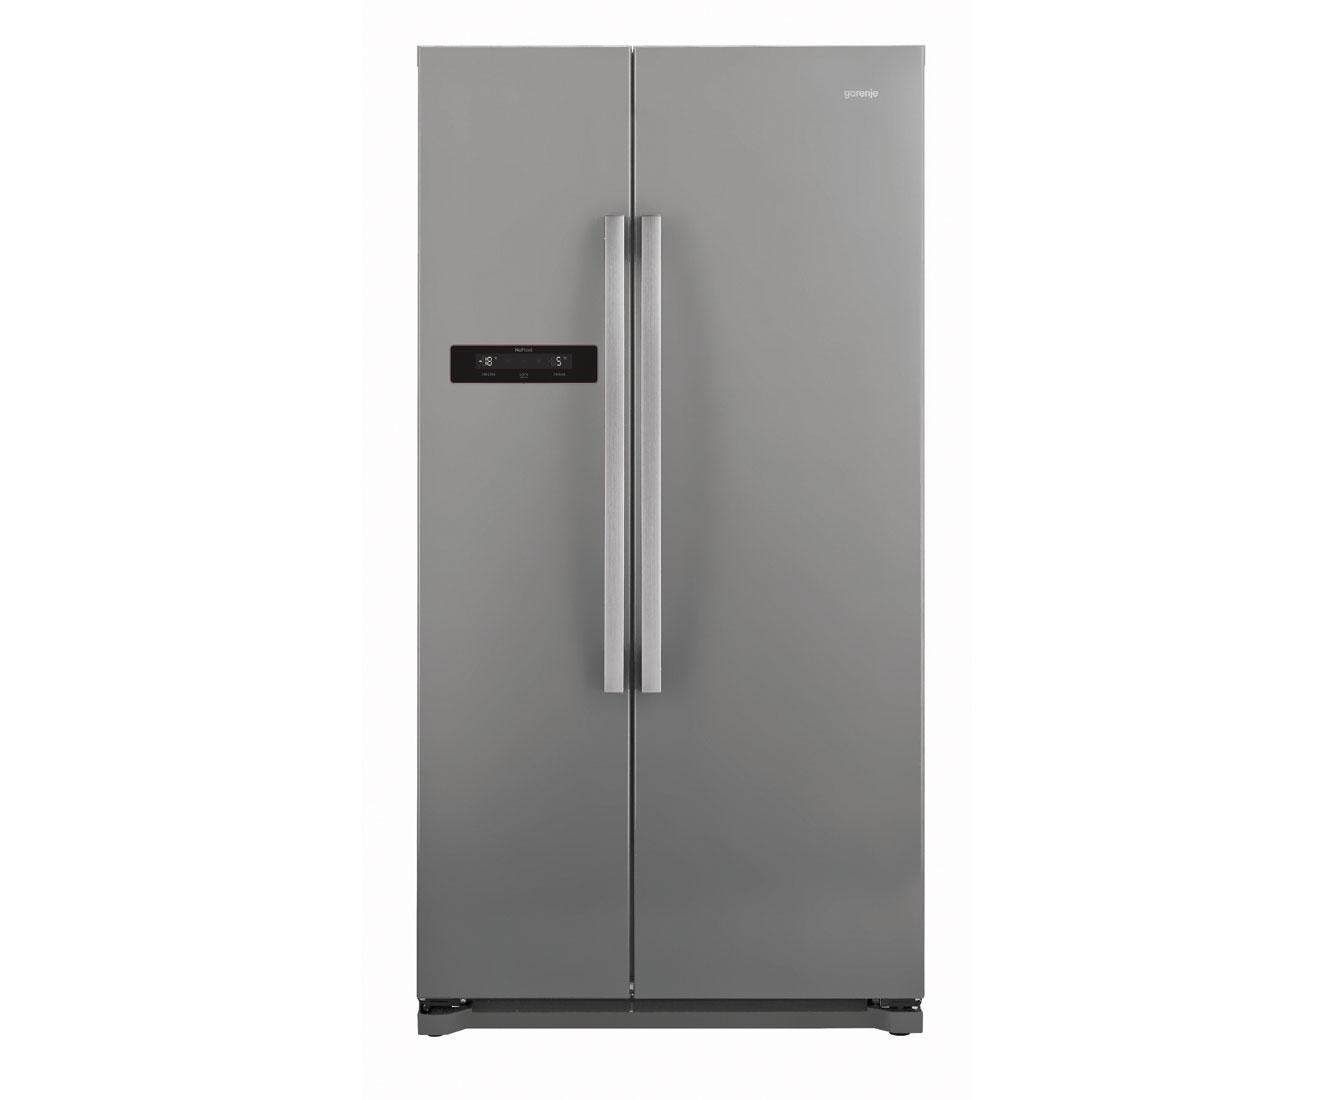 Kühlschrank Filter : Gorenje kühlschrank filter wechseln: unterbau kühlschrank gorenje r